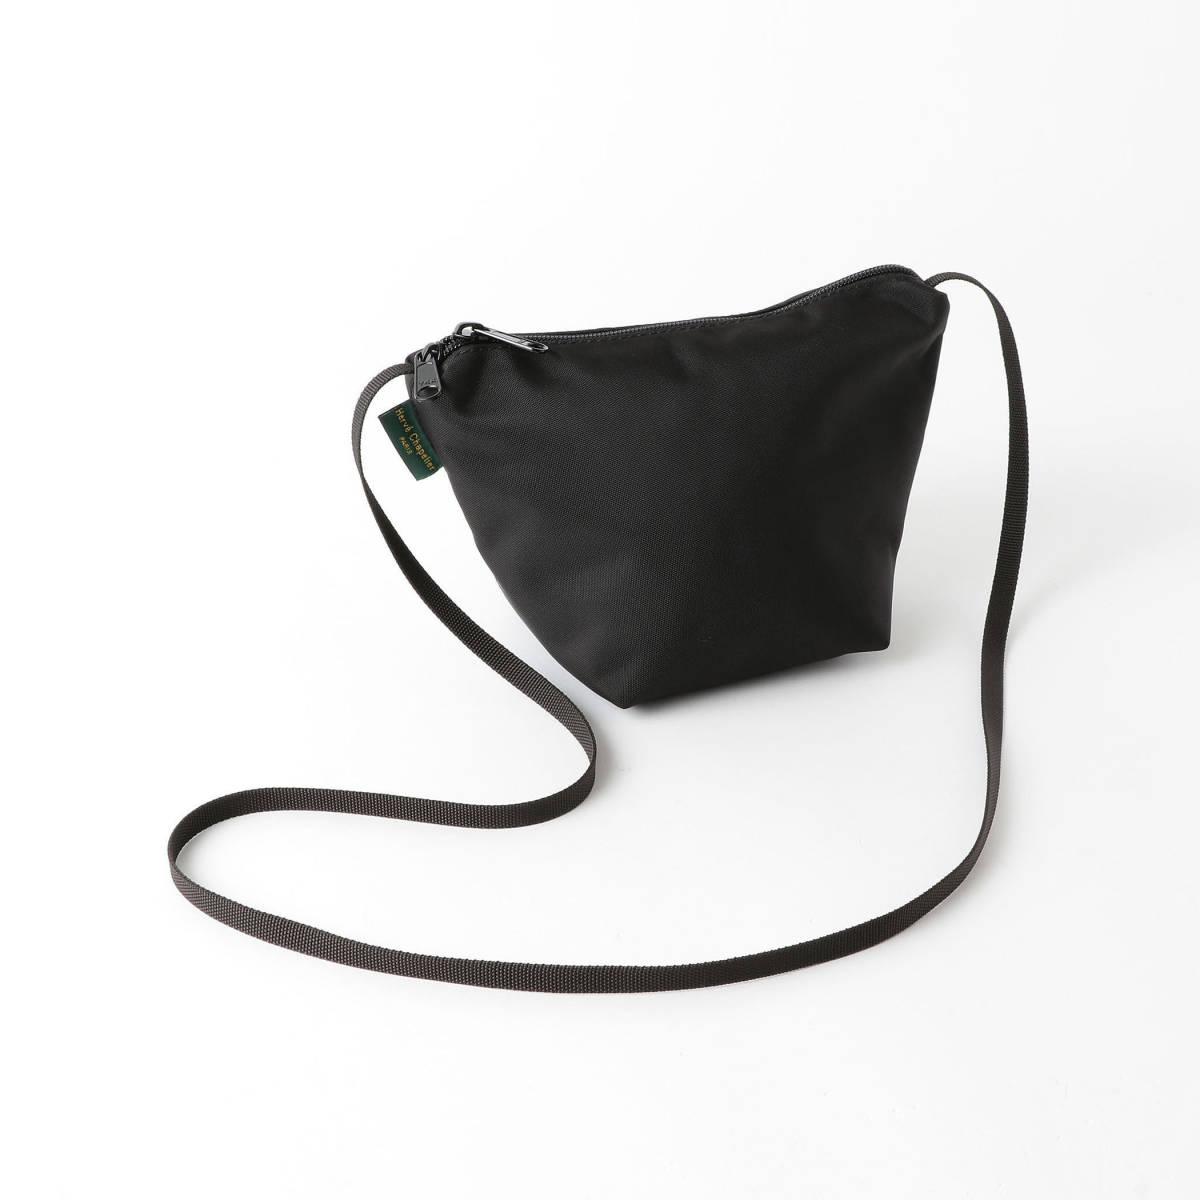 エルベシャプリエgreen label relaxingタグ付き新品ショルダーポーチ ポシェット バッグUNITED ARROWSグリーンレーベル ブラック黒